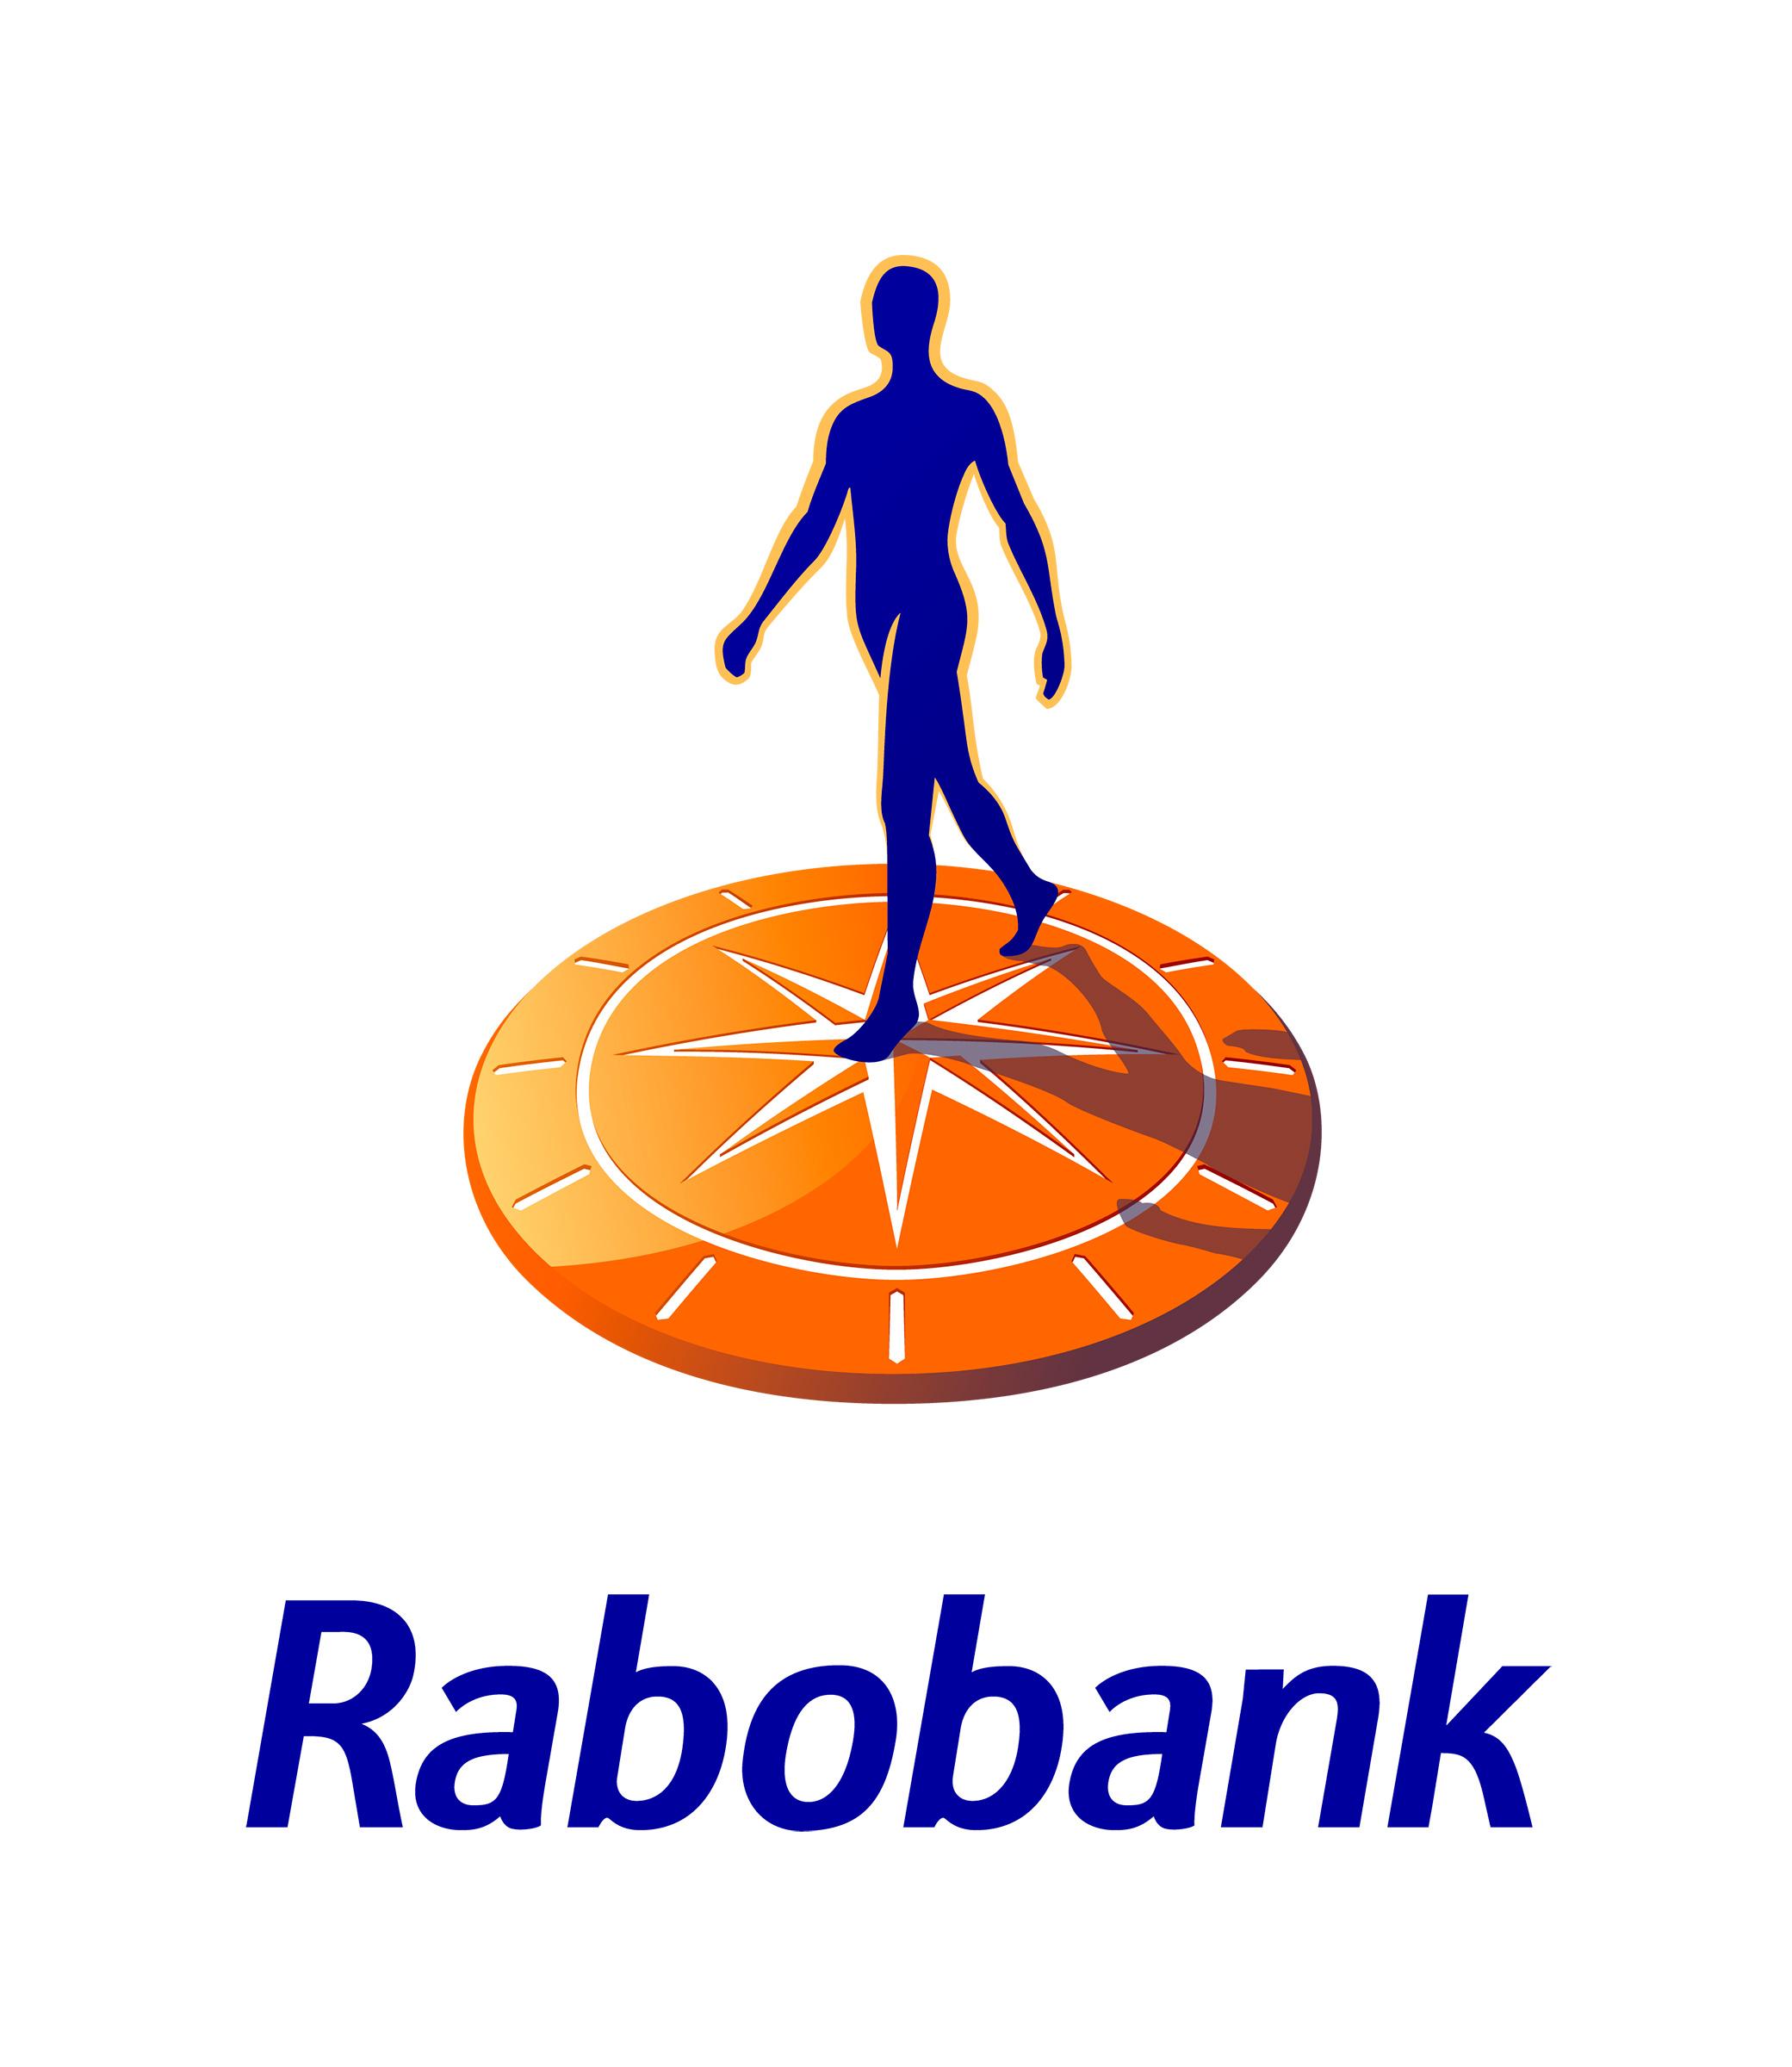 Rabobank Gooi en Vechtstreek - Spant congrescentrum